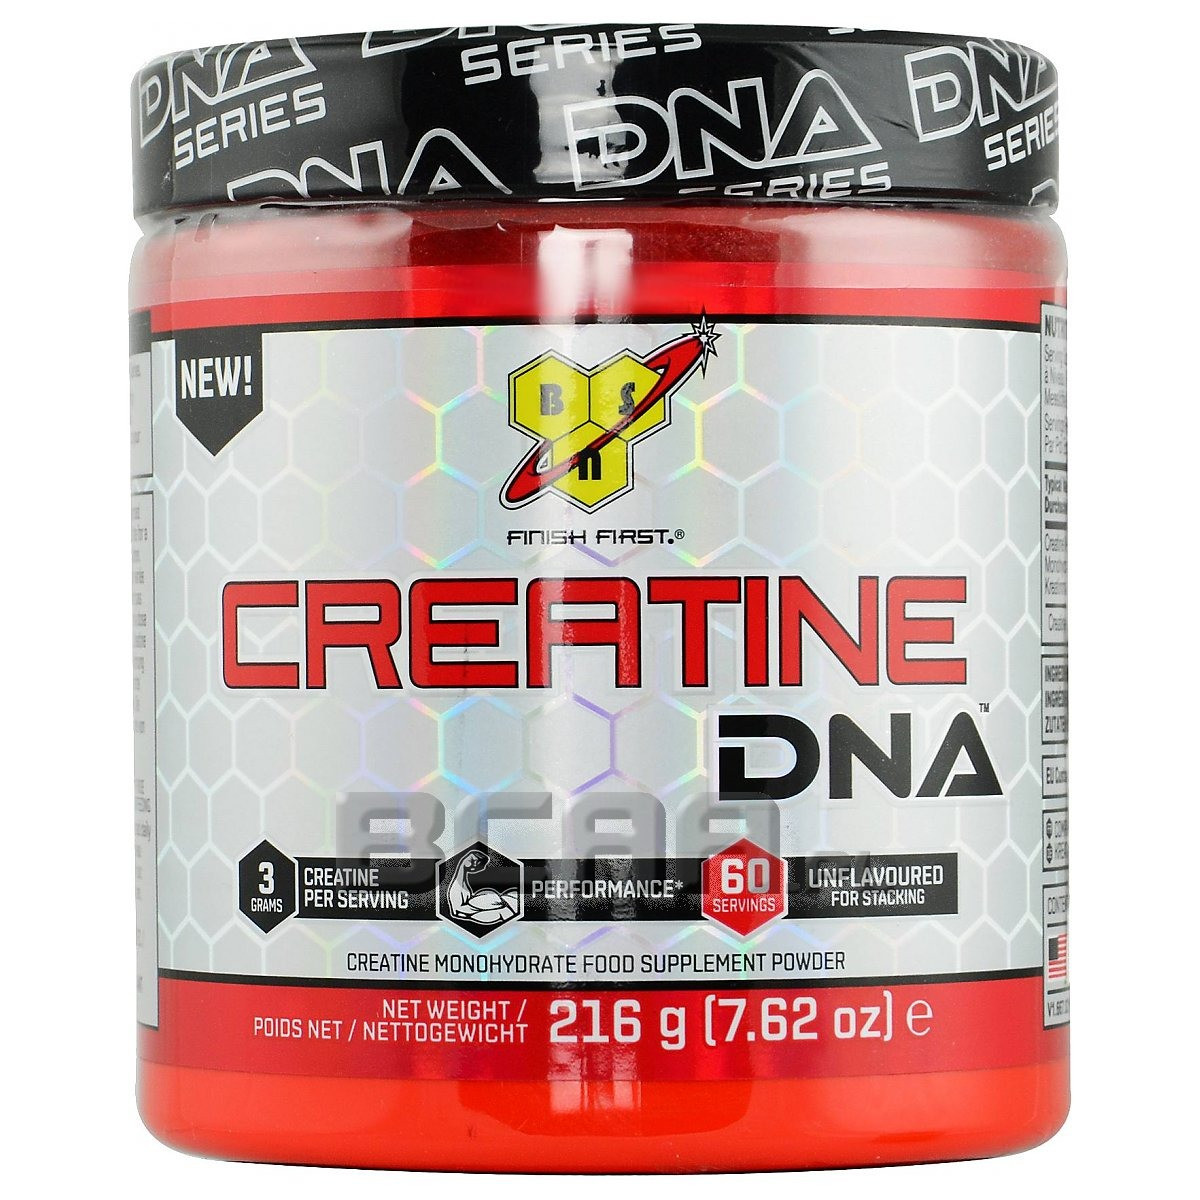 Креатин BSN Creatine DNA 216 g, БСН Креатин ДНА 216 г без вкуса